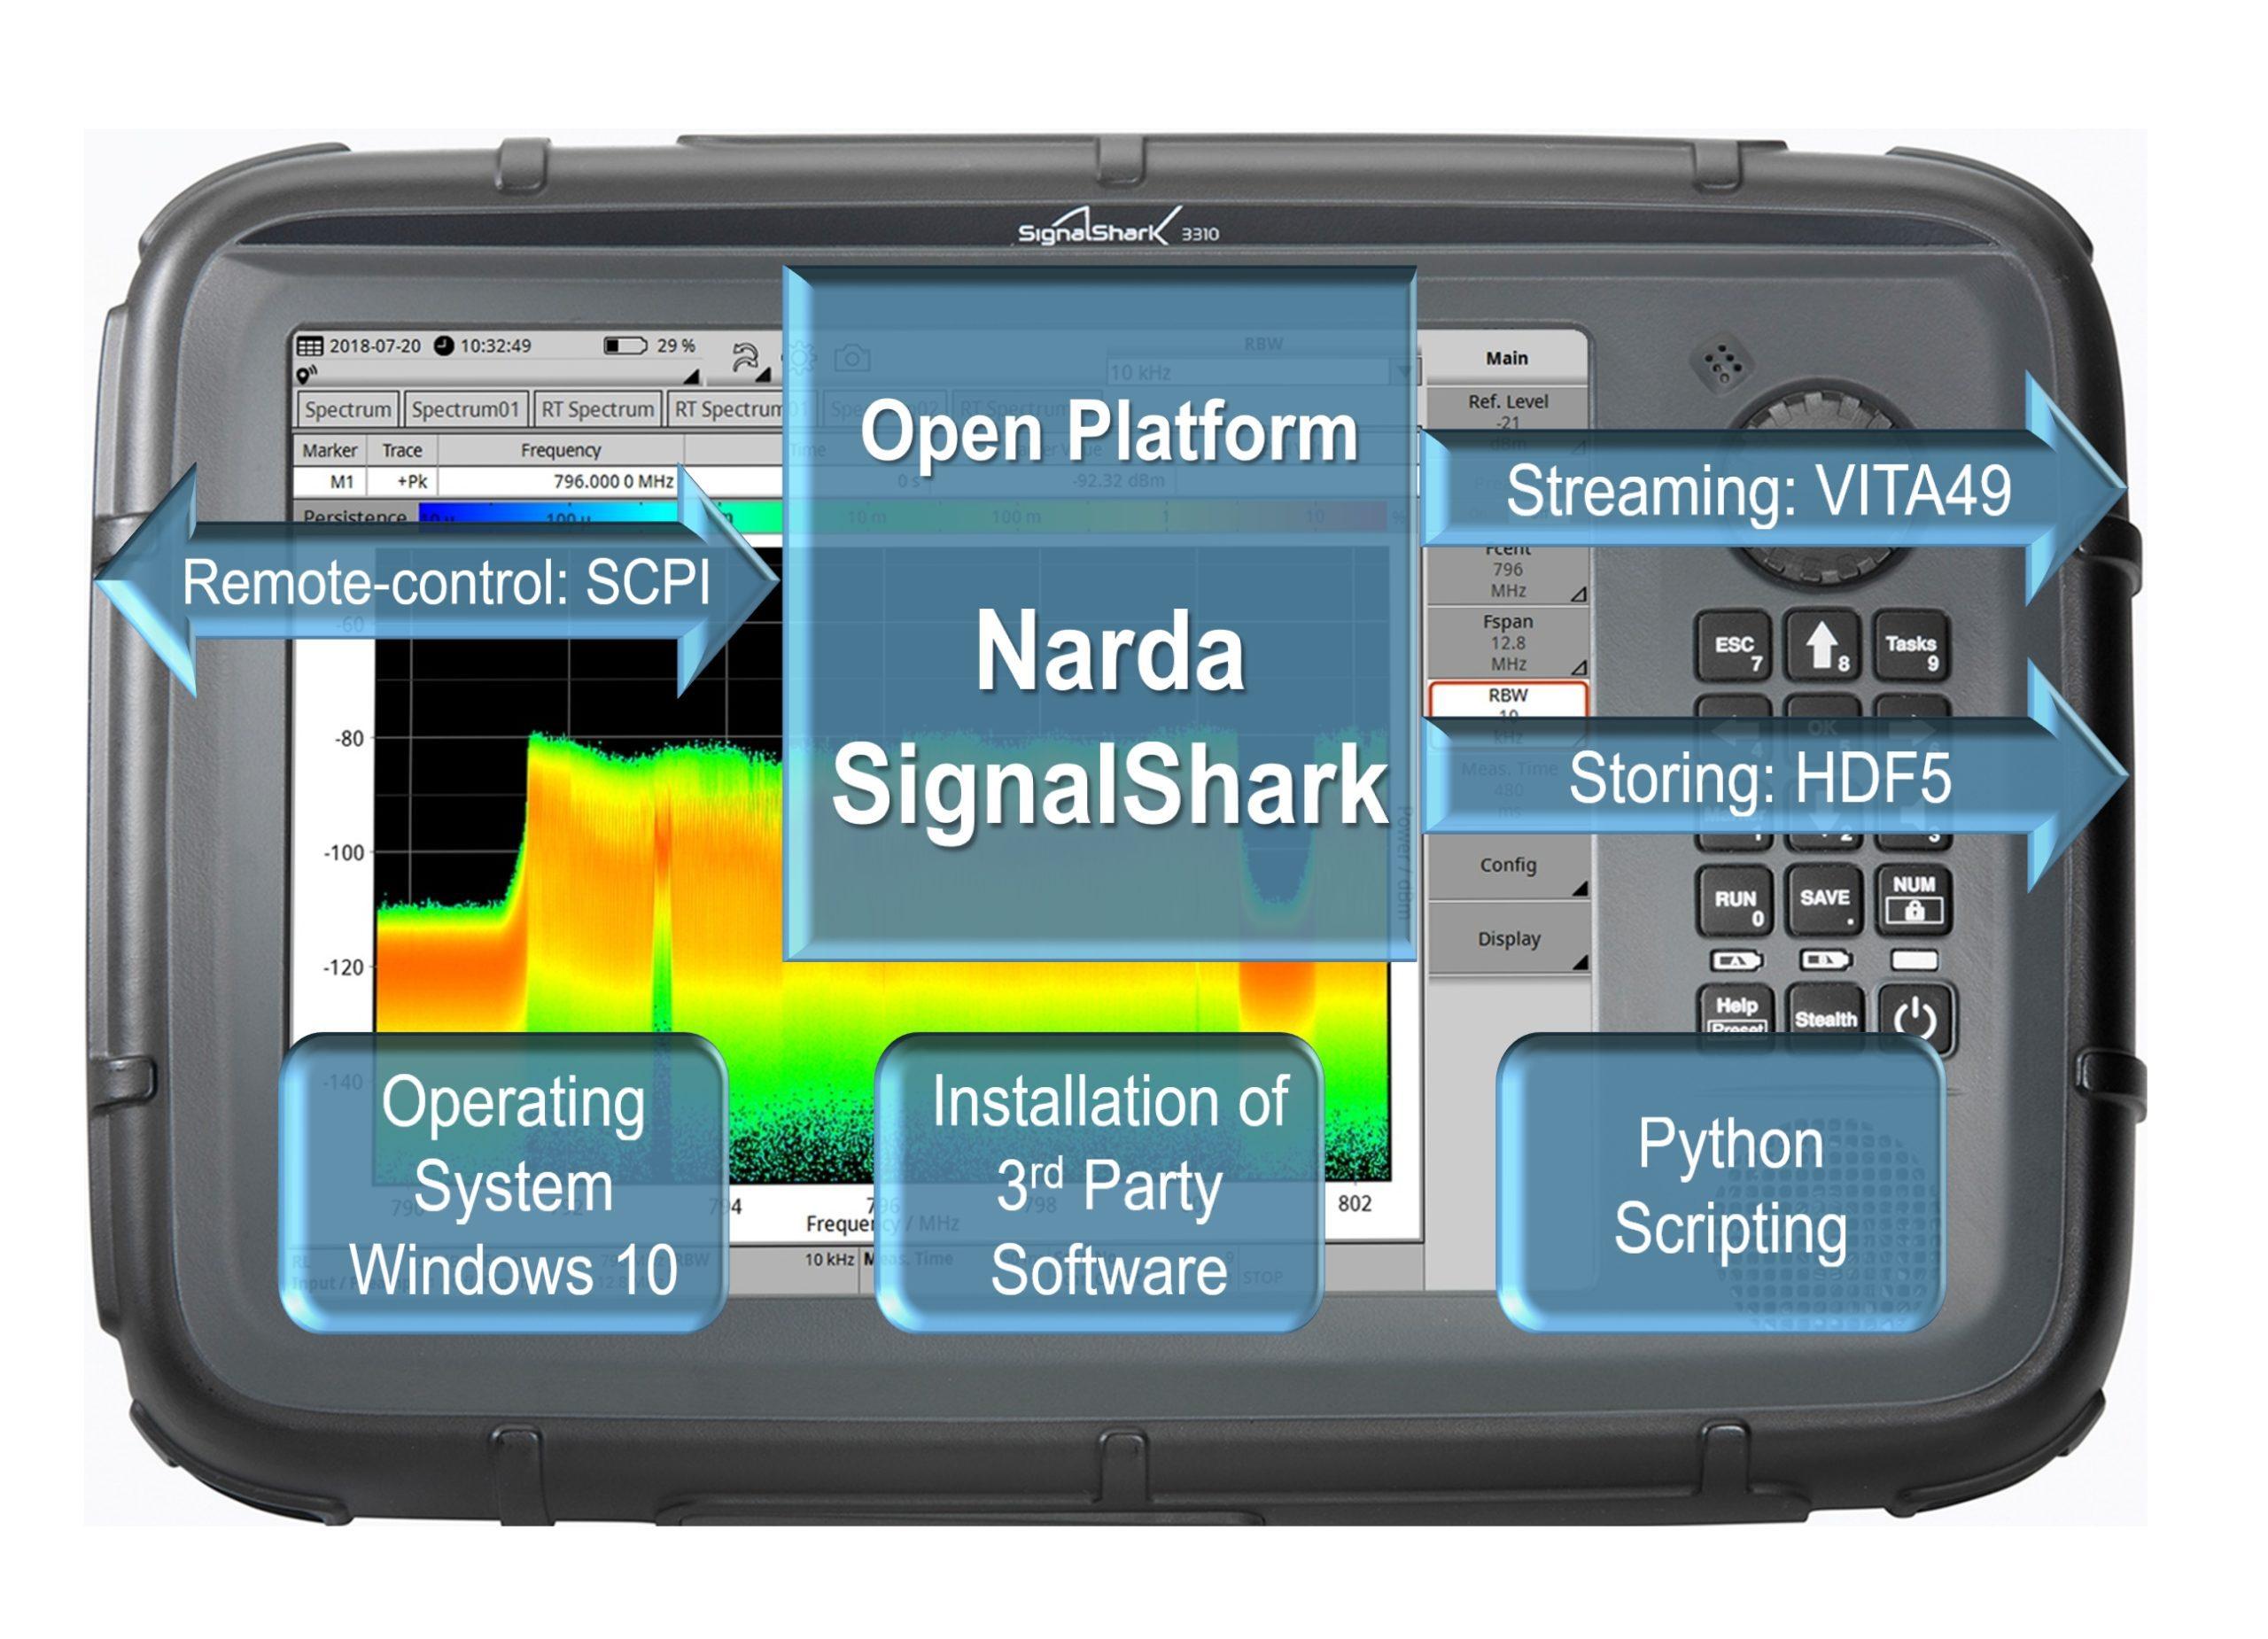 02 narda signalshark open platform_200416